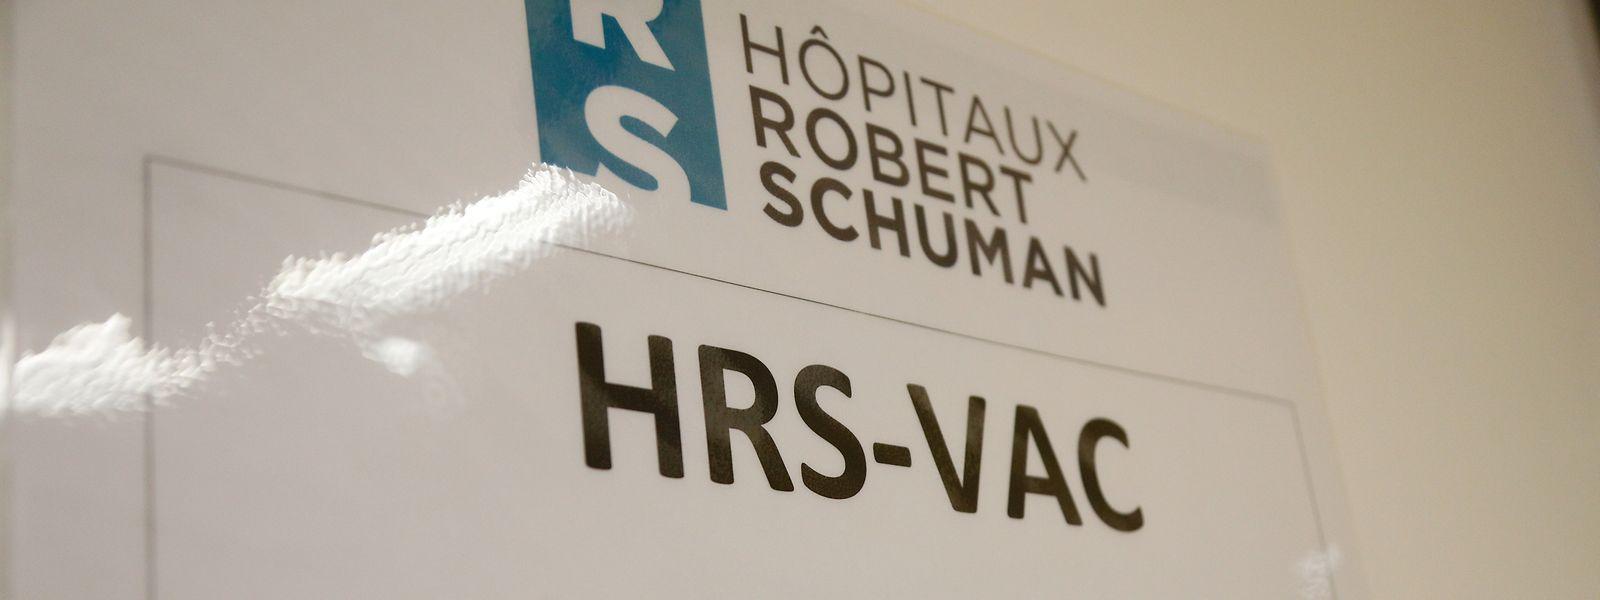 Die Hôpitaux Robert Schuman geraten immer stärker unter Druck, weil die Mitglieder des Verwaltungsrates, Jean-Luois Schiltz, Michel Wurth und Claude Seywert prioritär am 18. Januar gegen Covid geimpft wurden.